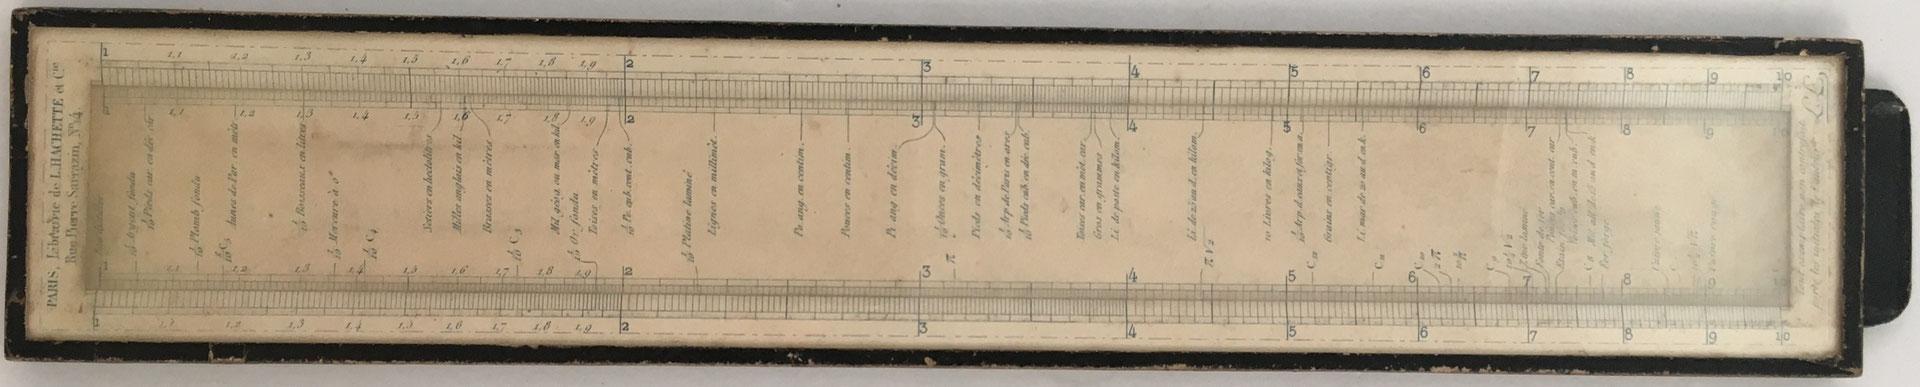 Regla LALANNE con cubierta de cristal, diseñada por León Lalanne, año 1850, 28x5 cm